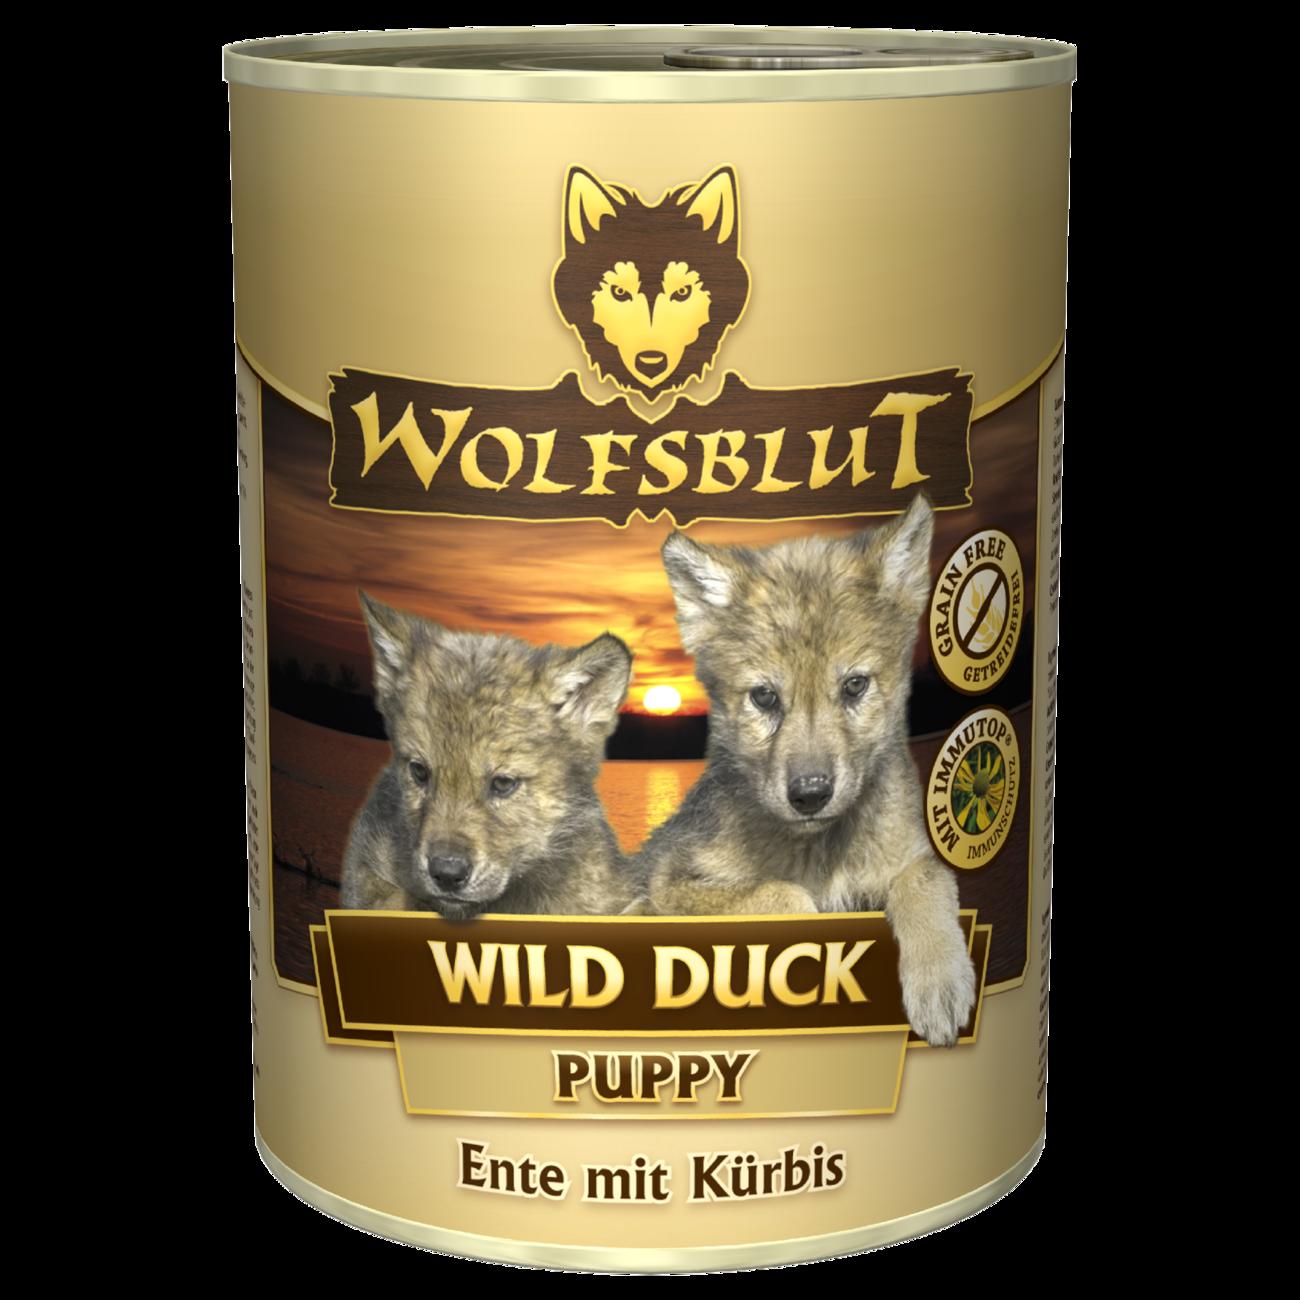 Wolfsblut Welpenfutter Dose Wild Duck PUPPY